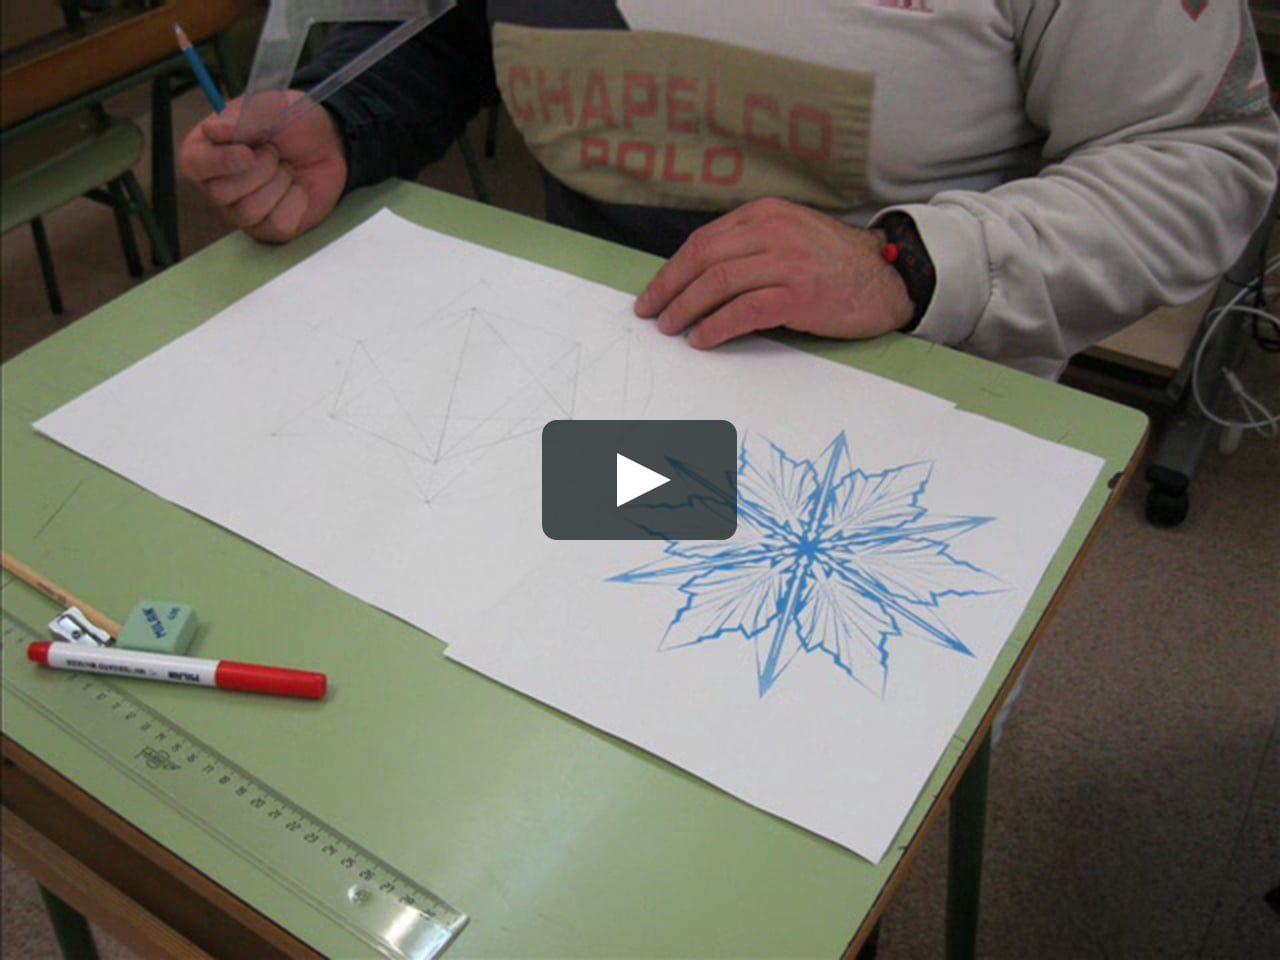 tabele de percepție modul în care activitatea fizică afectează vederea